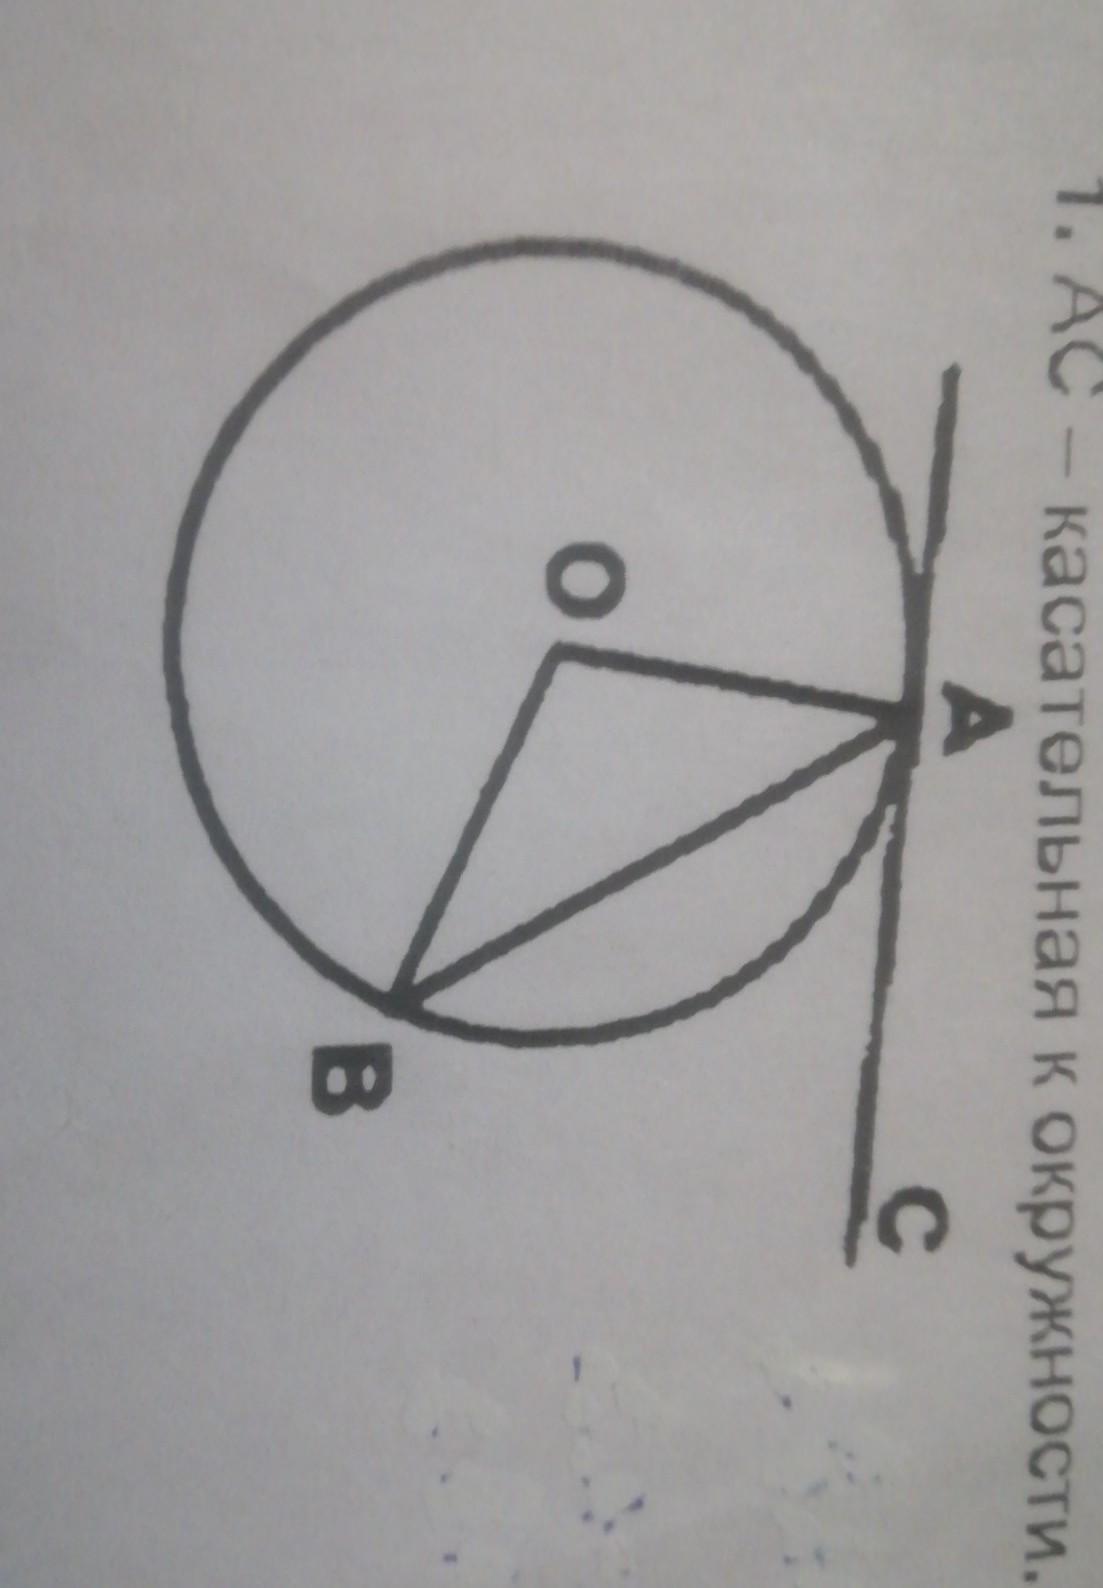 AC - касательная к окружности. Угол BAC равен 50°.